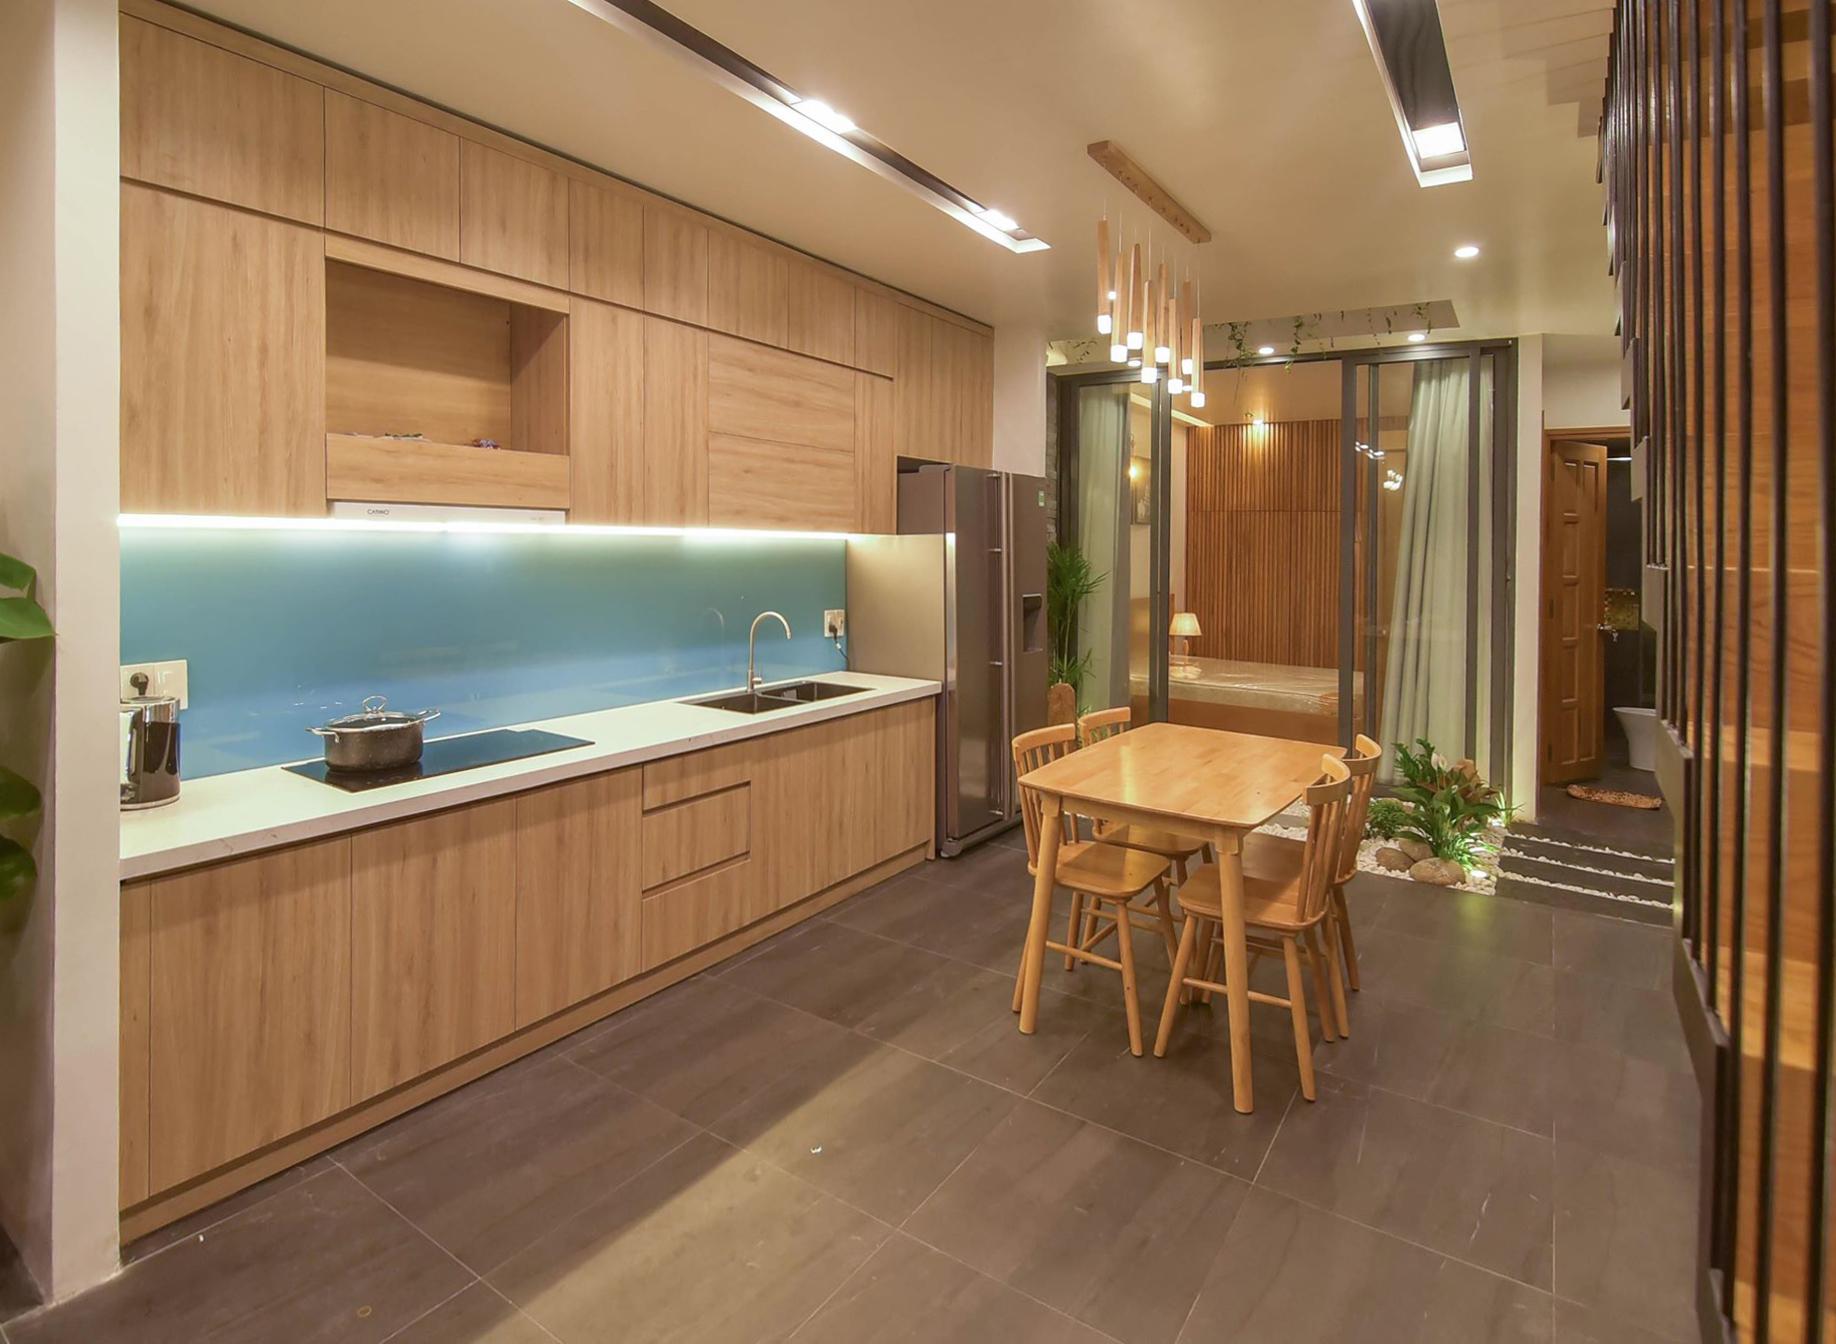 thiết kế Nhà Mặt Phố 3 tầng tại Đà Nẵng THE GARDEN HOUSE 7 1561348251